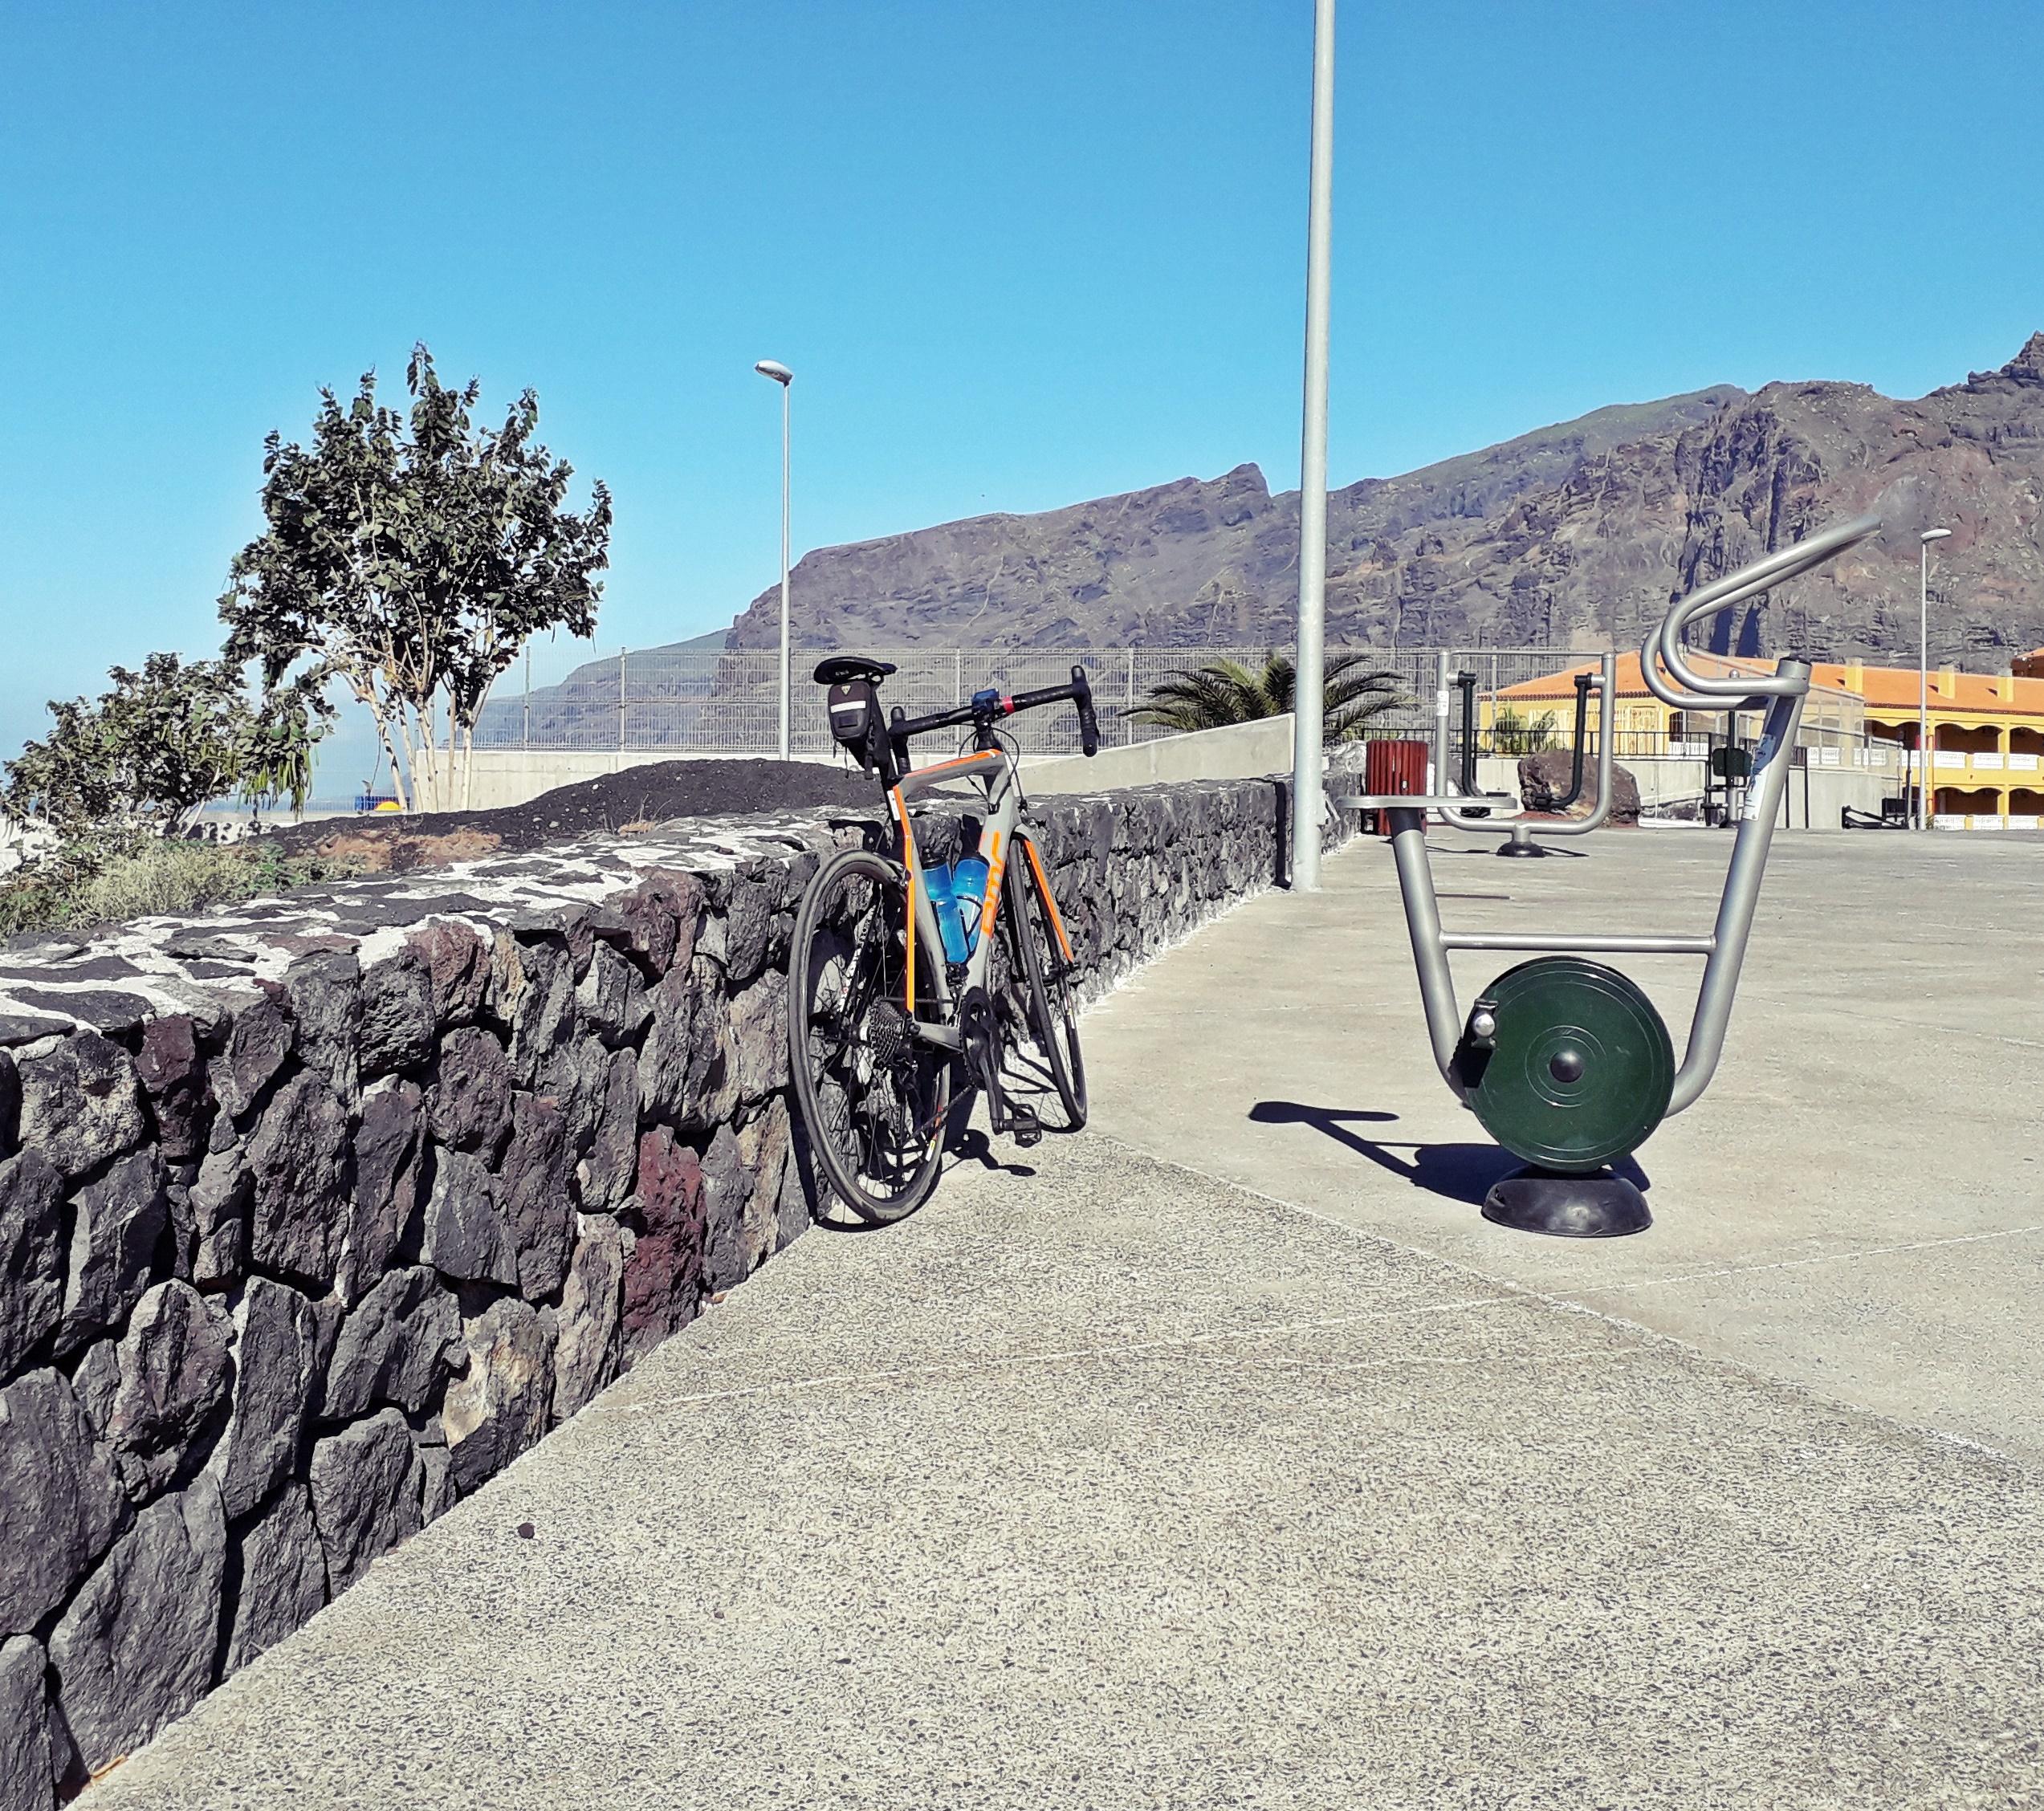 1812 teneriffa trainer bike